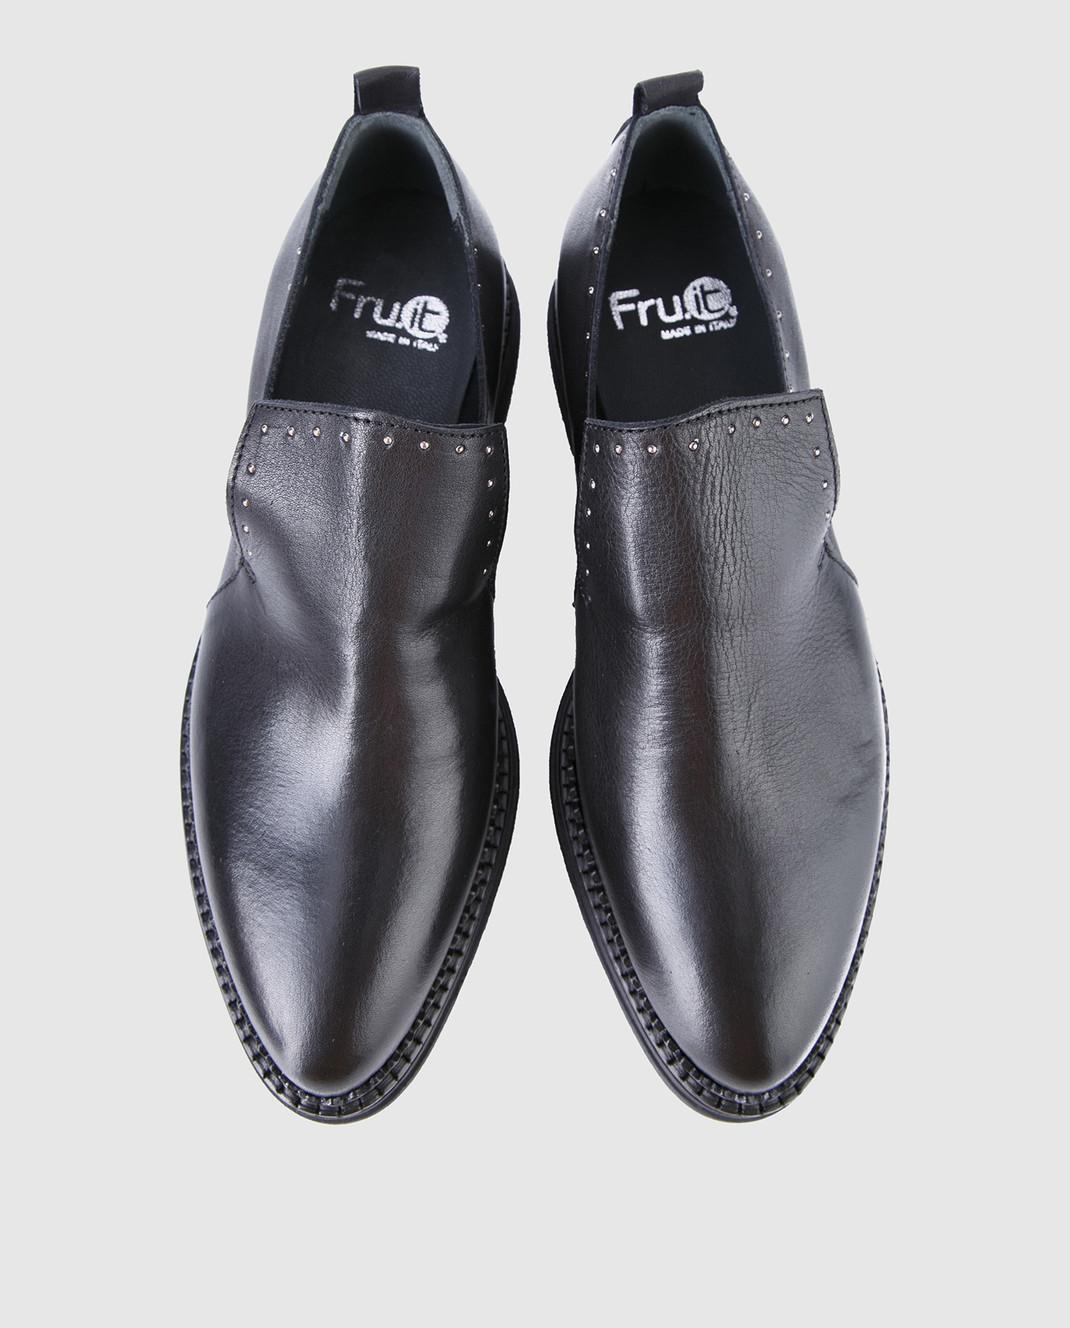 Fru it Черные кожаные туфли 4977 изображение 4